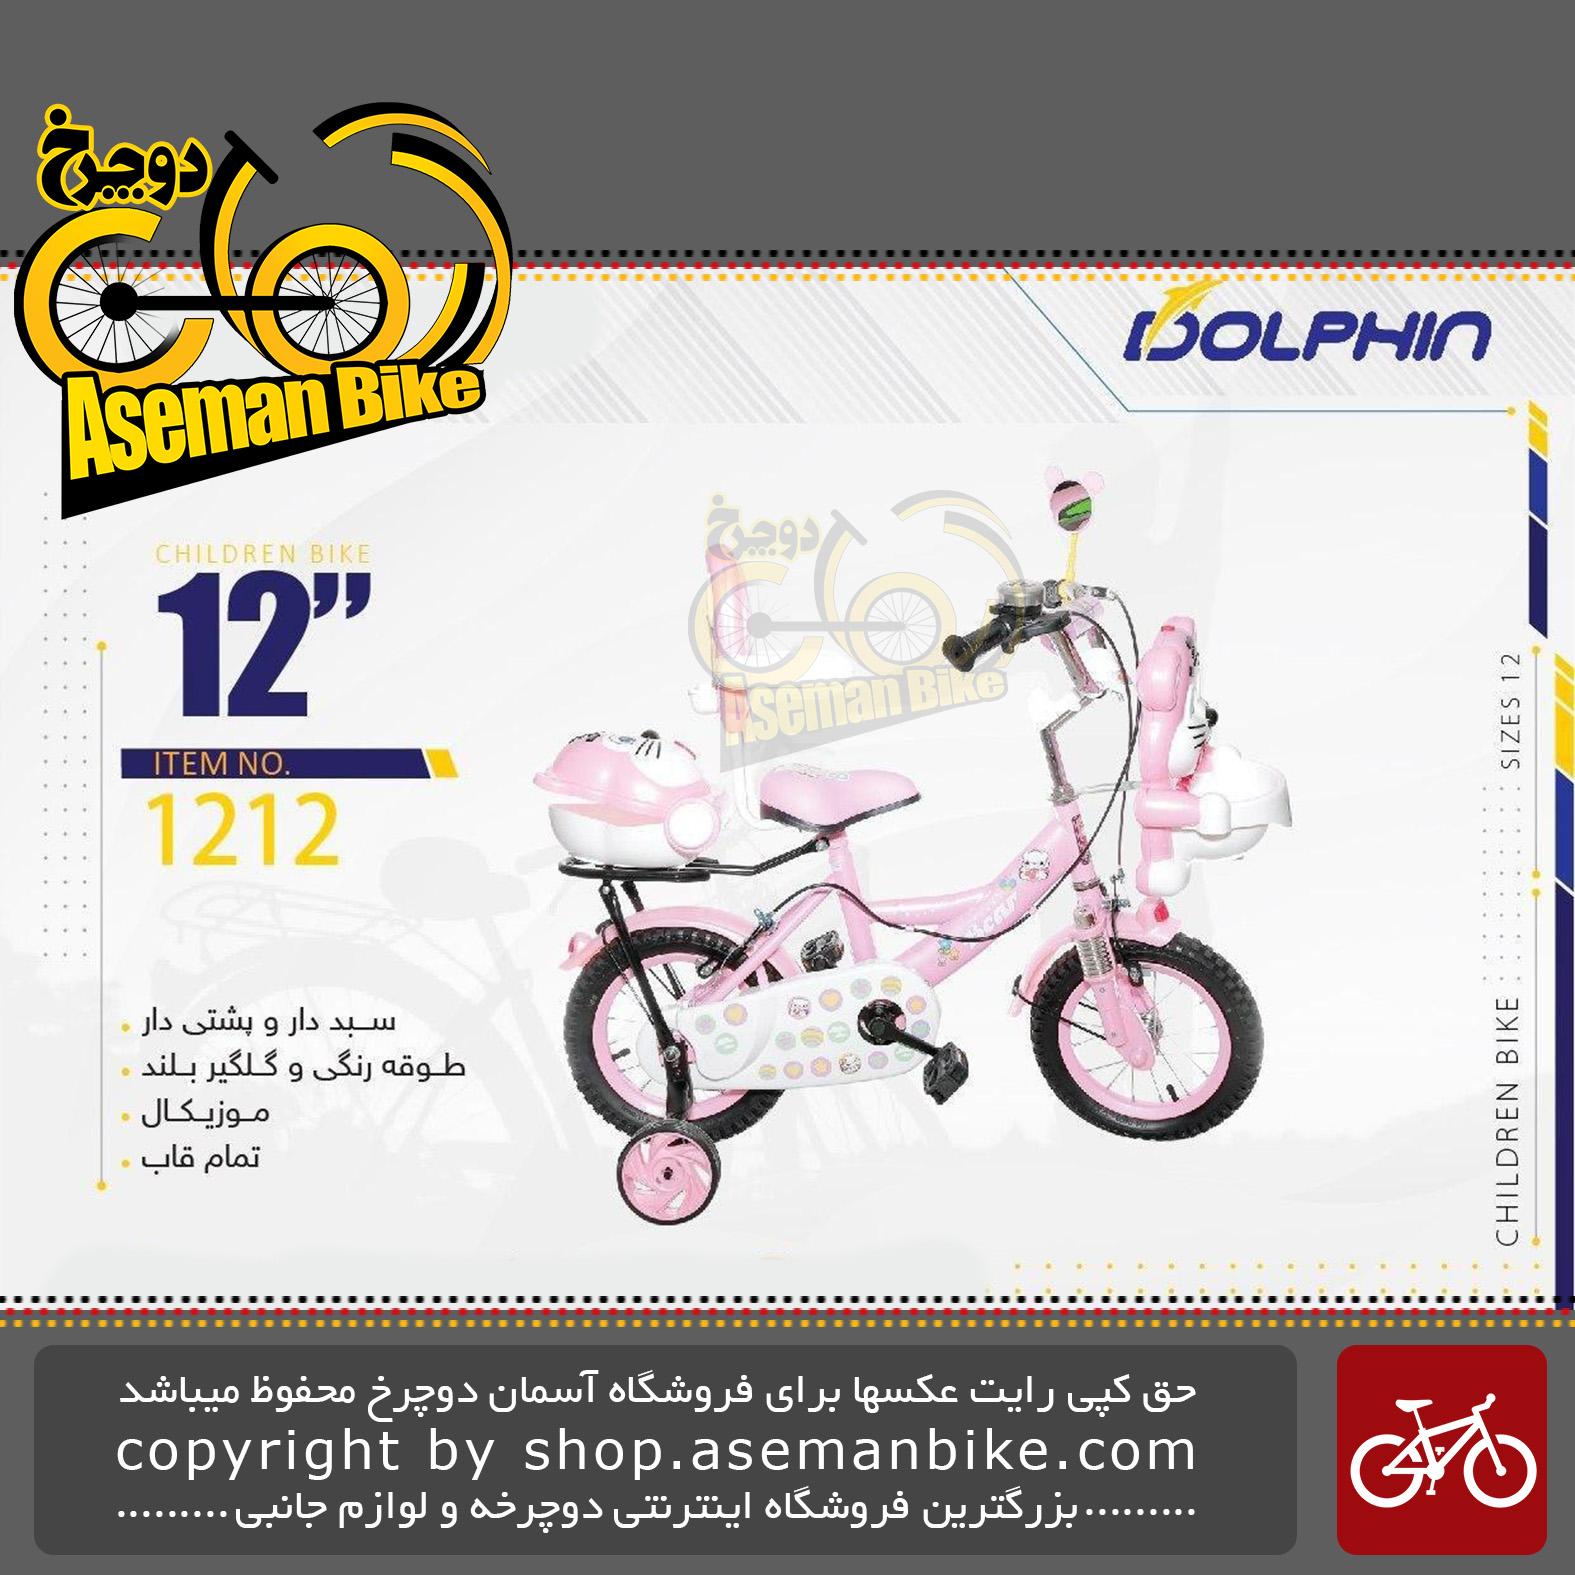 دوچرخه بچگانه دلفین سایز 12 موزیکال پشتی دار صندوق دار سبد دار مدل 1212 DOLPHIN Bicycle Kids Size 12 Model 1212